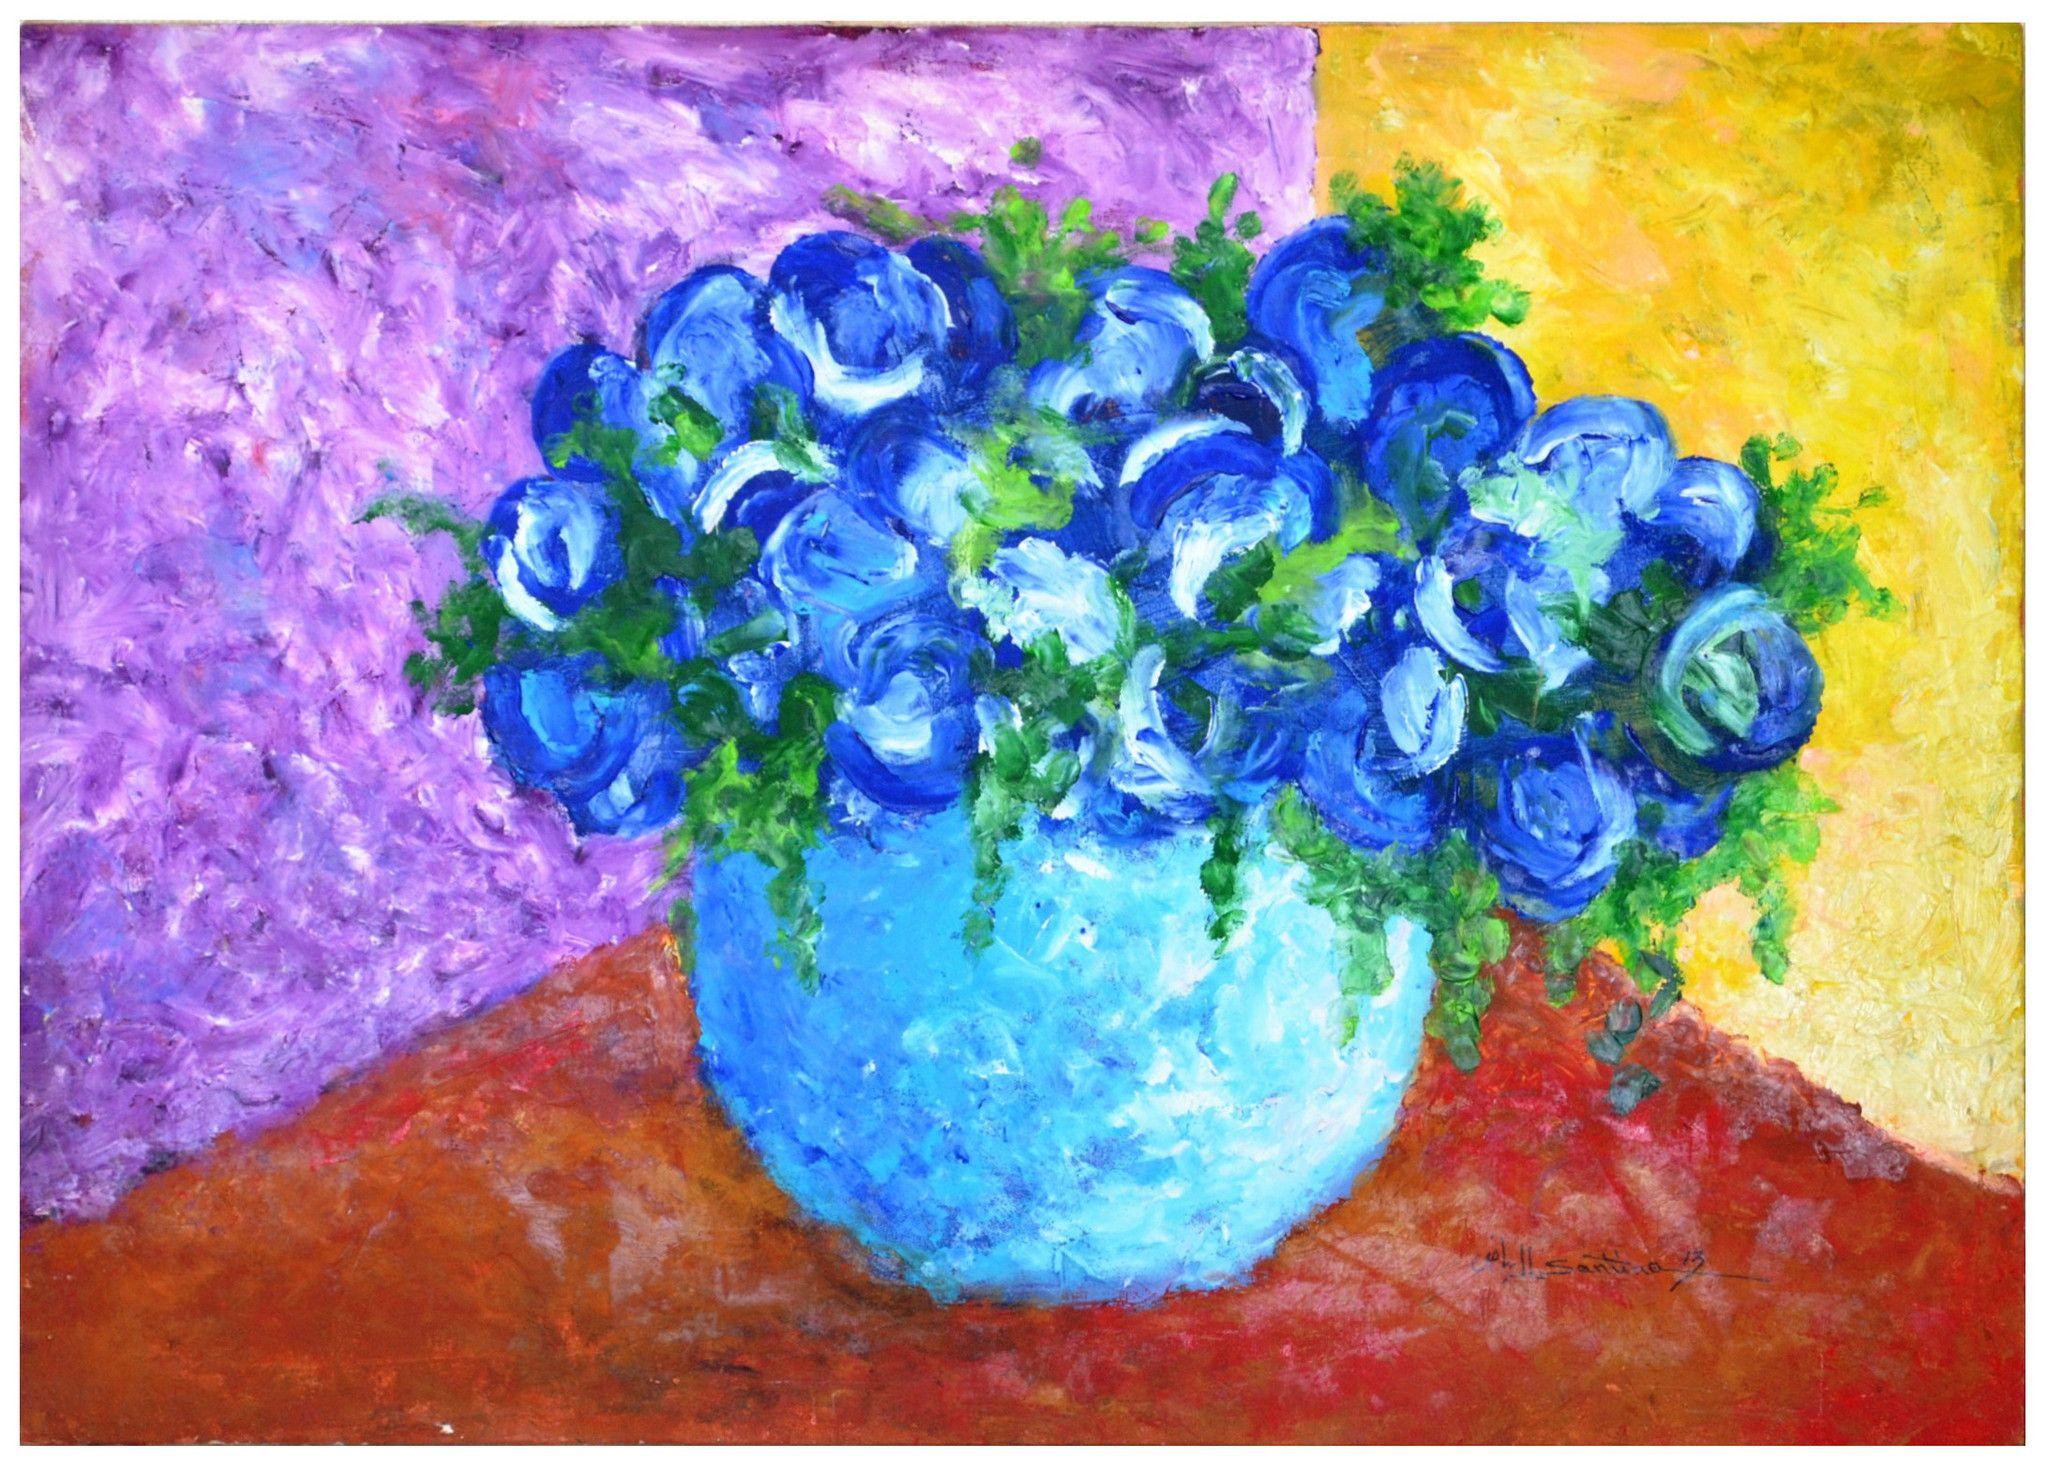 Flower vase acrylic painting type acrylic on canvas size 40 x 60 flower vase acrylic painting type acrylic on canvas size 40 x 60 cm reviewsmspy